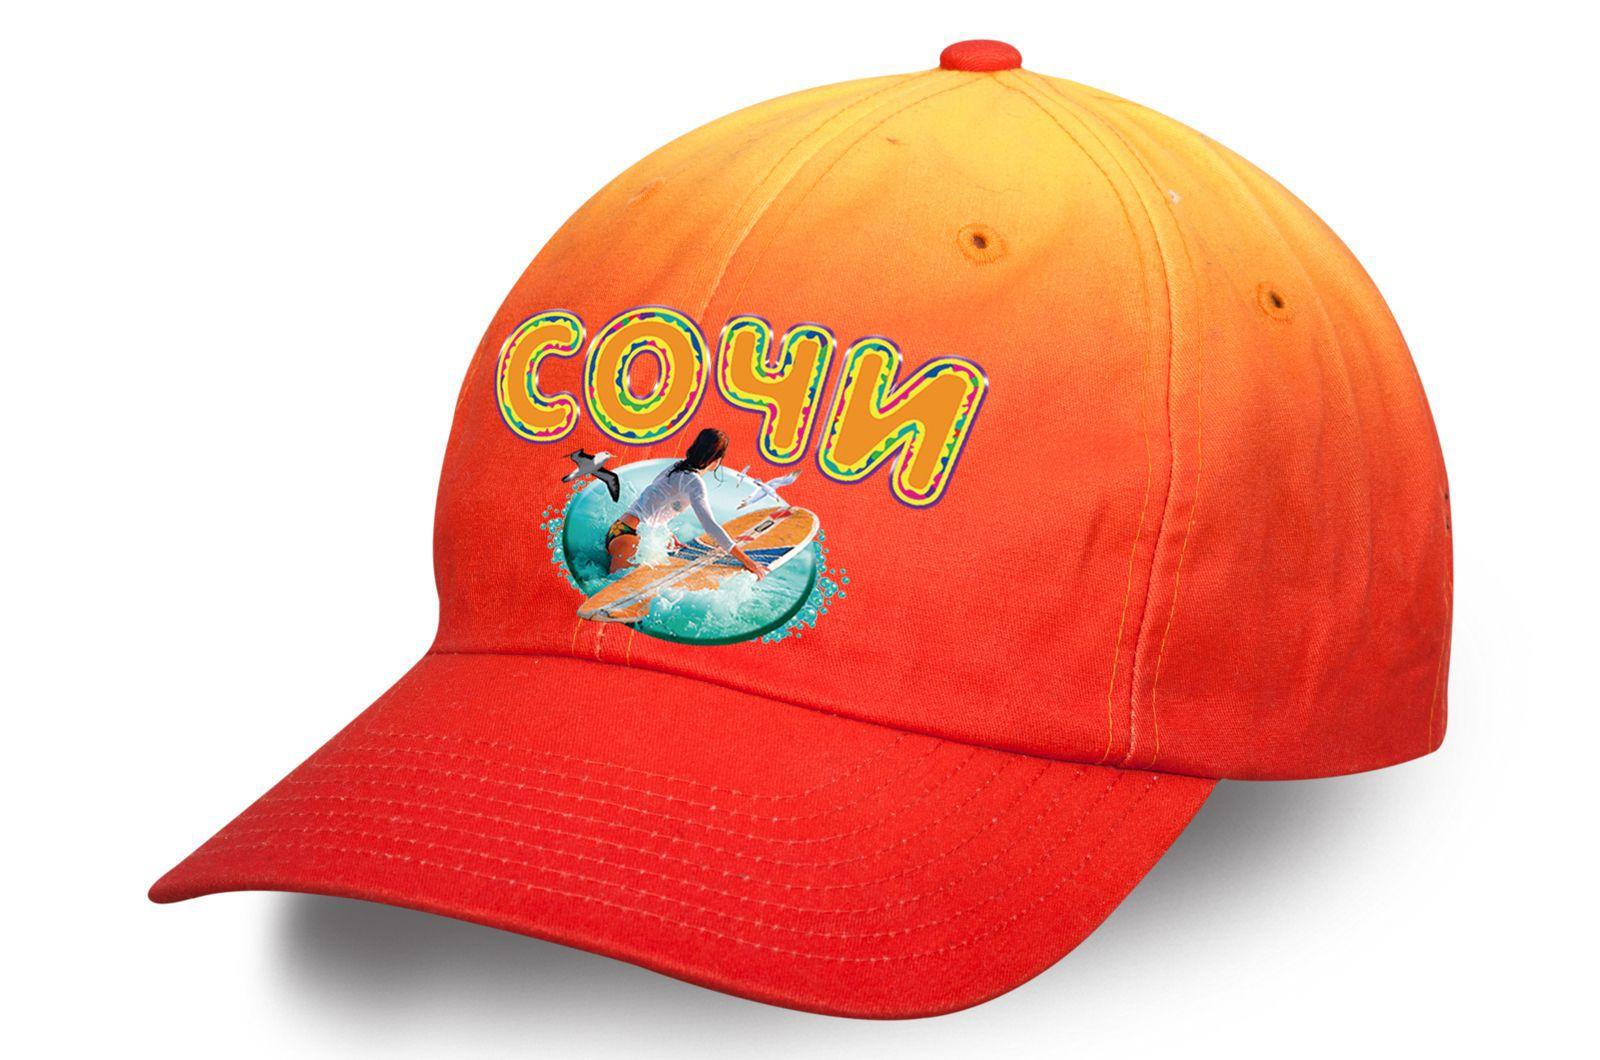 Эксклюзивная кепка для пляжного отдыха в Сочи - купить по лучшей цене